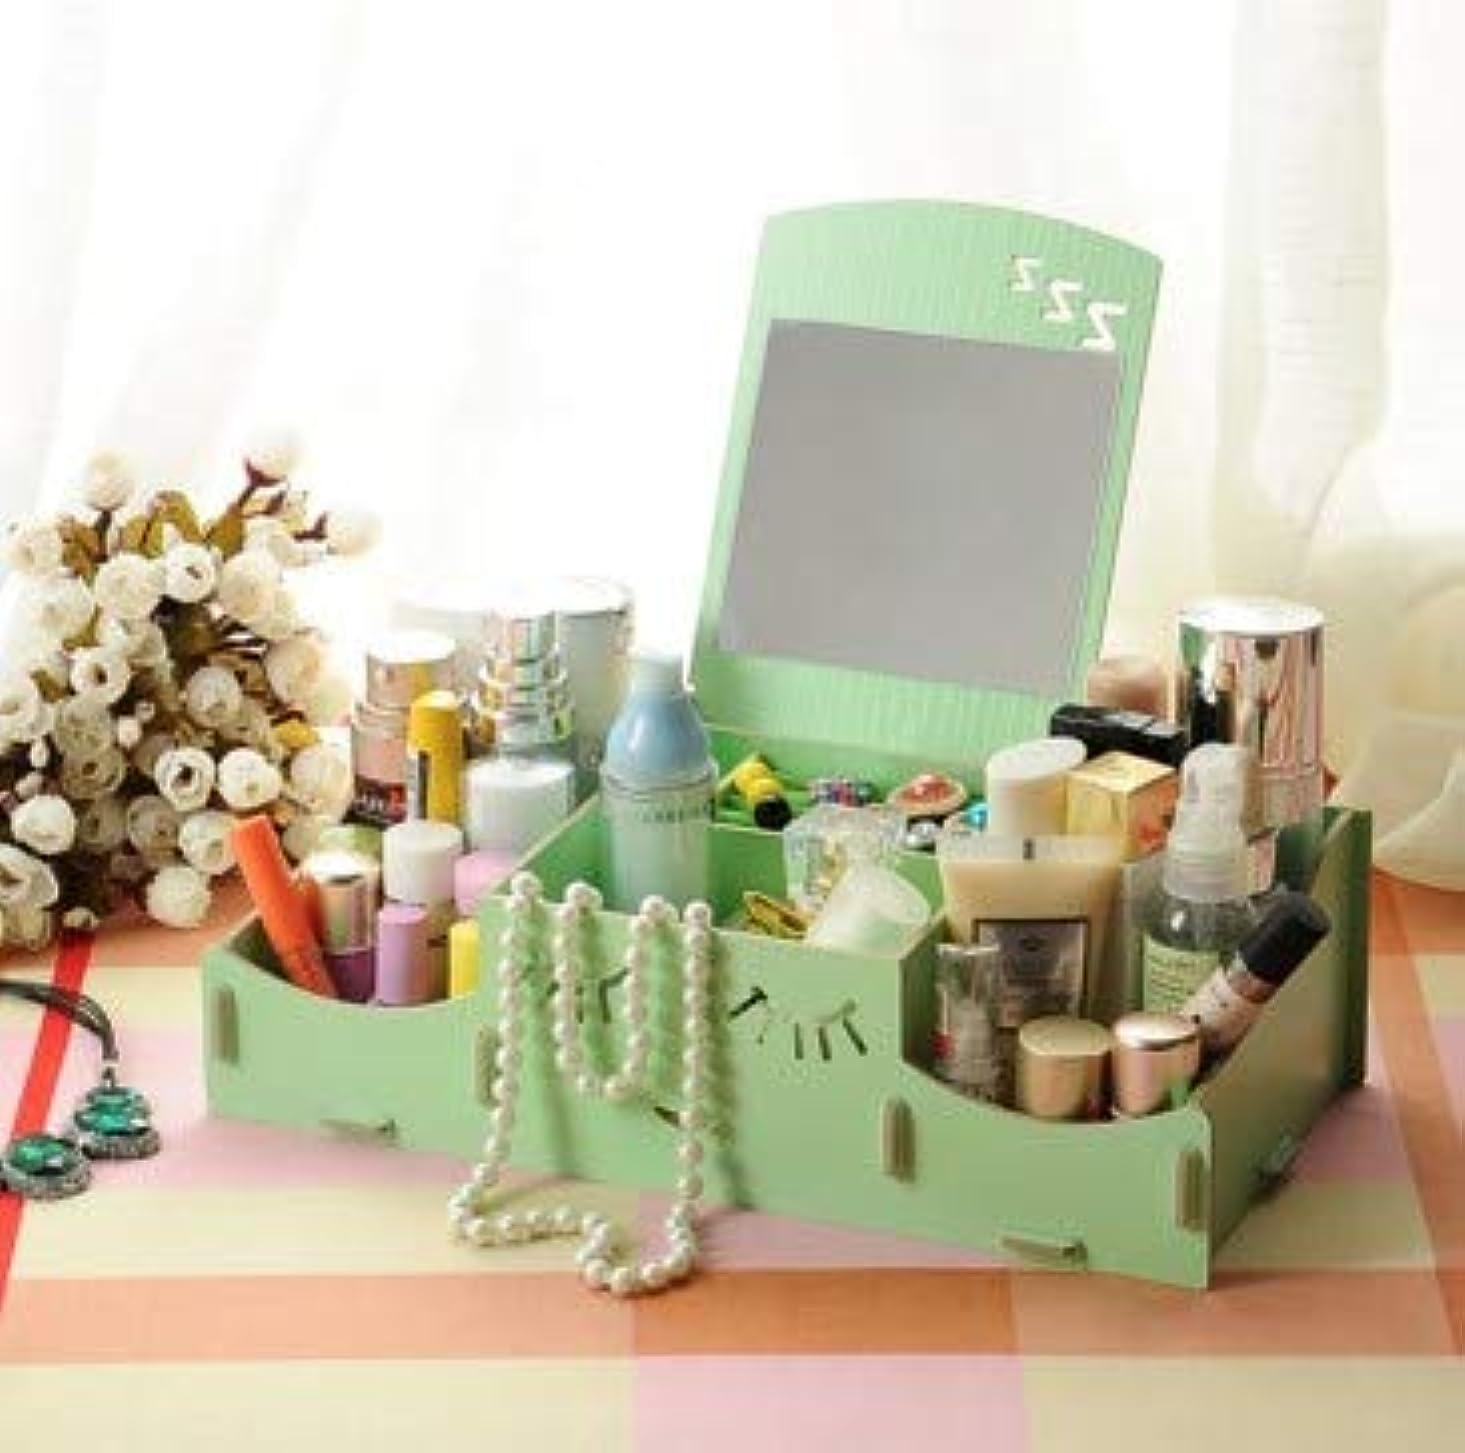 くちばし牛肉朝スマイリー木製クリエイティブ収納ボックス手作りデスクトップミラー化粧品収納ボックス化粧品収納ボックス (Color : グリンー)